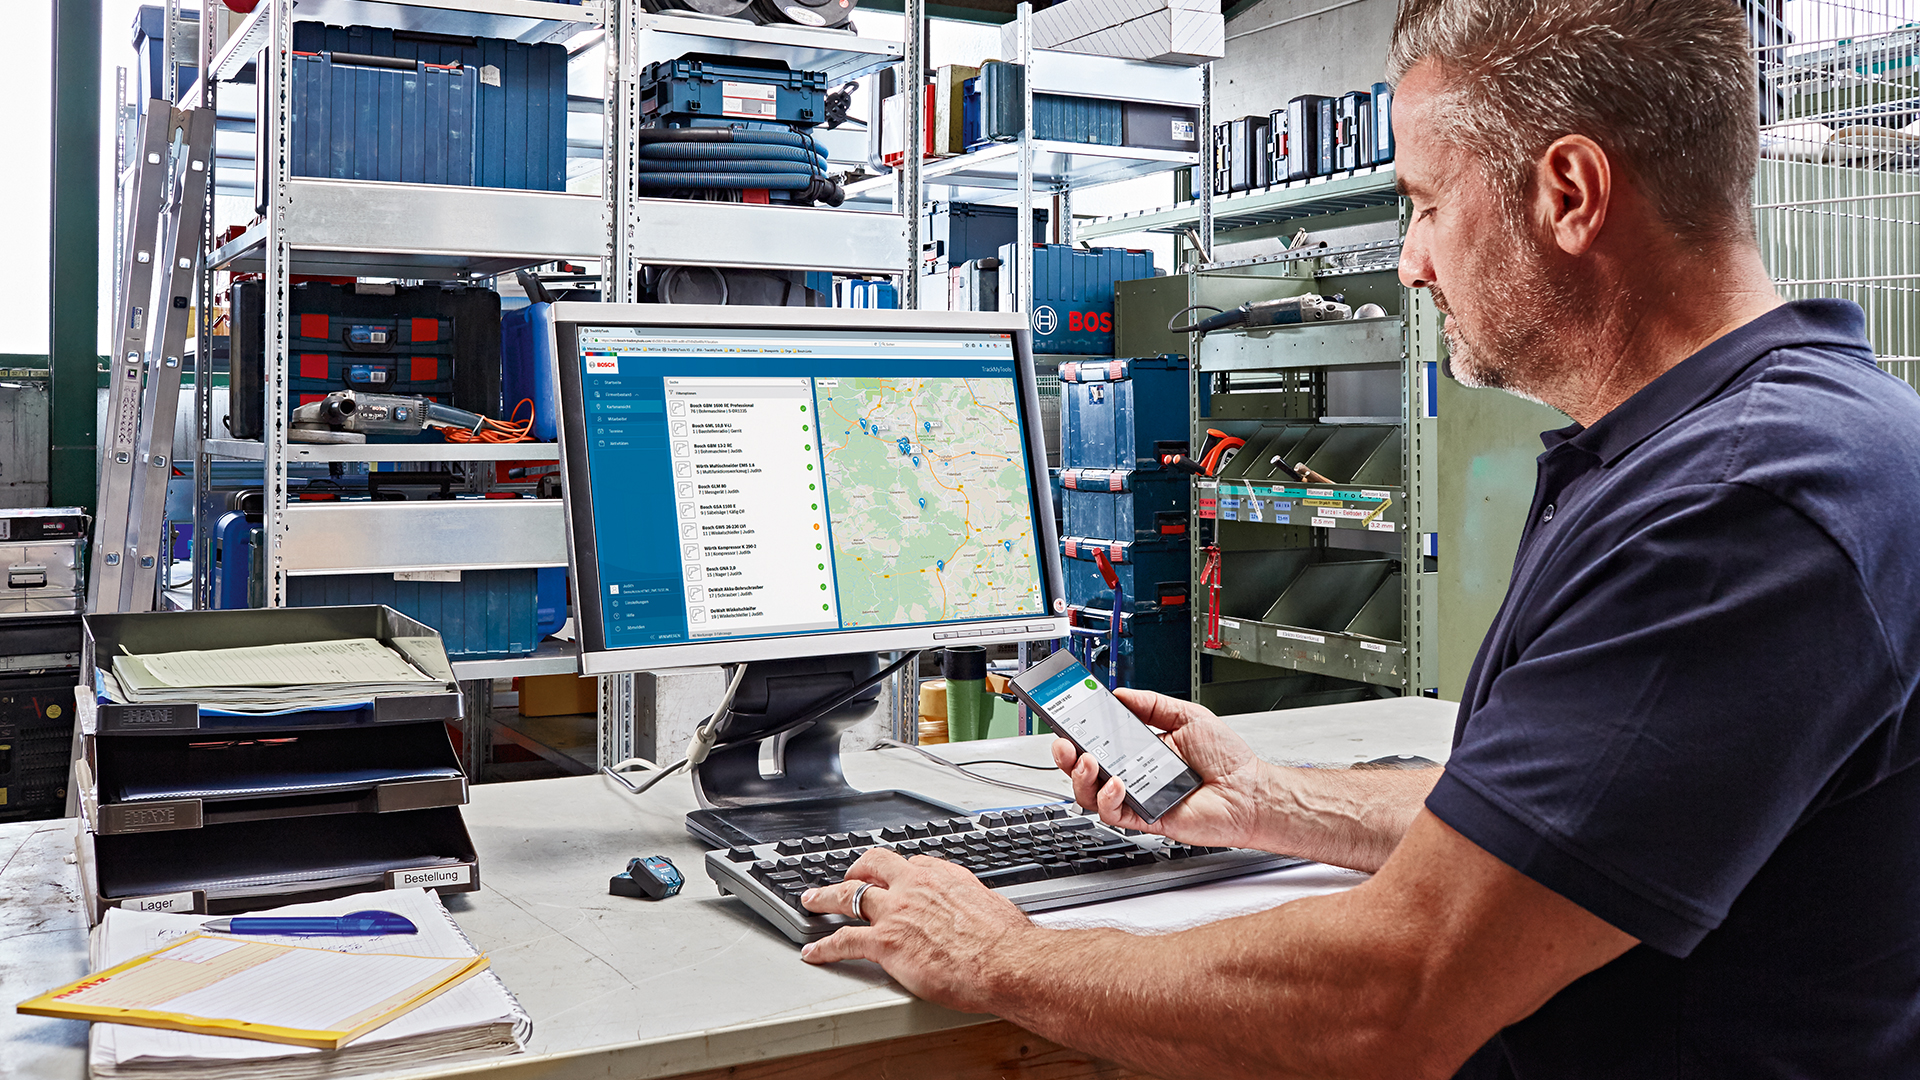 Bosch Entfernungsmesser Software : Höhere produktivität im arbeitsalltag bosch baut connectivity